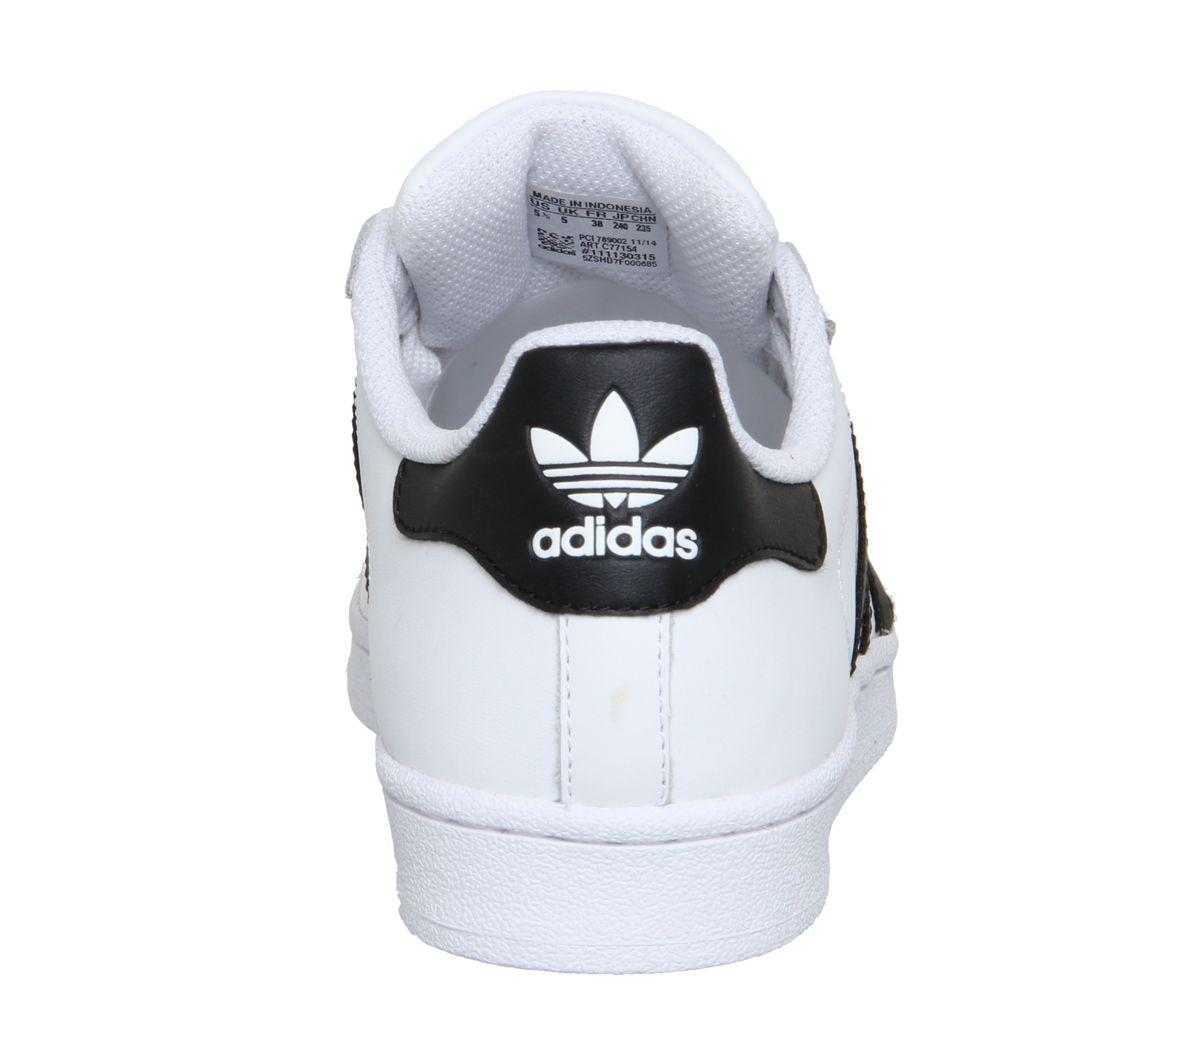 bas prix 423d0 6c10a Détails sur Femmes Adidas Superstar Baskets Blanches Noires Foundation  Baskets